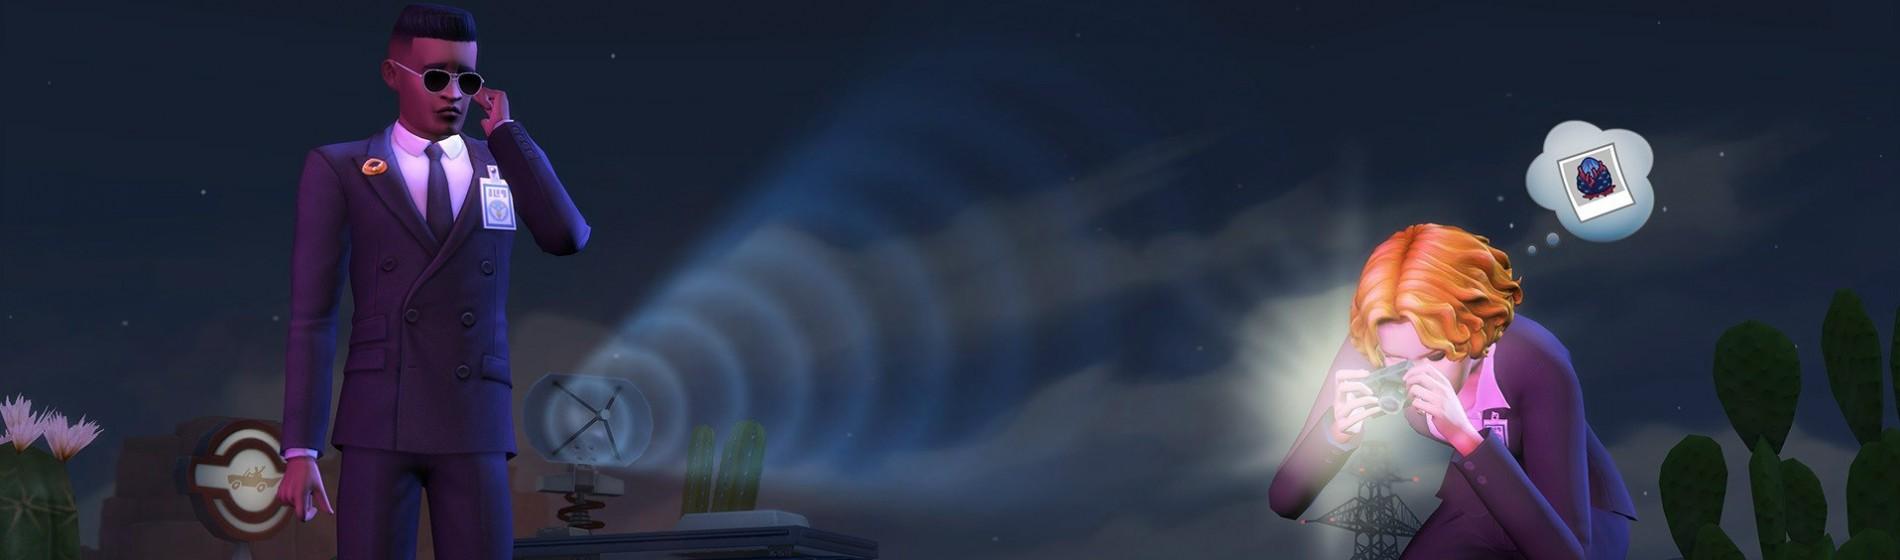 The-Sims-4-StrangerVille-MIB-in-the-Desert